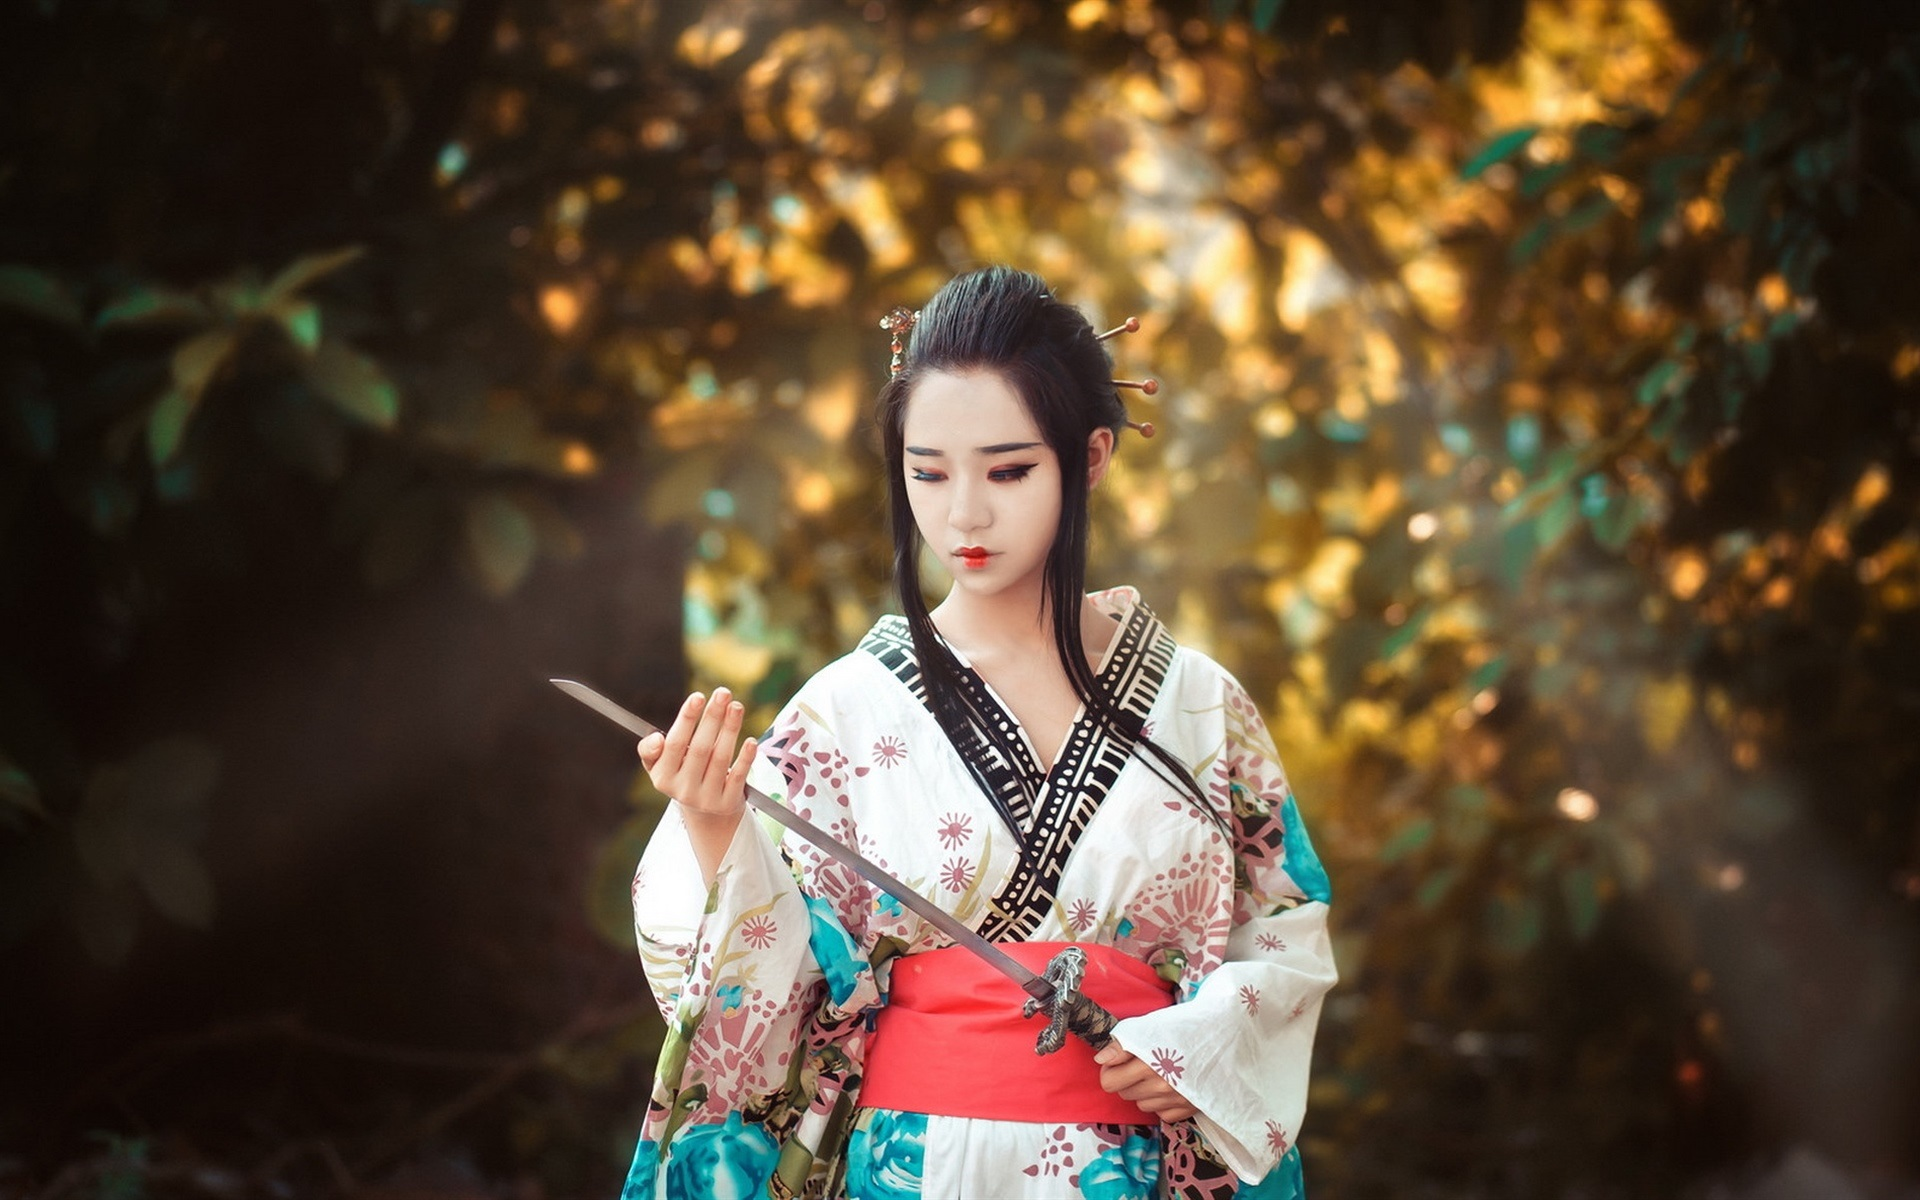 asian-girl-samurai-sword-opportunities-scene-girl